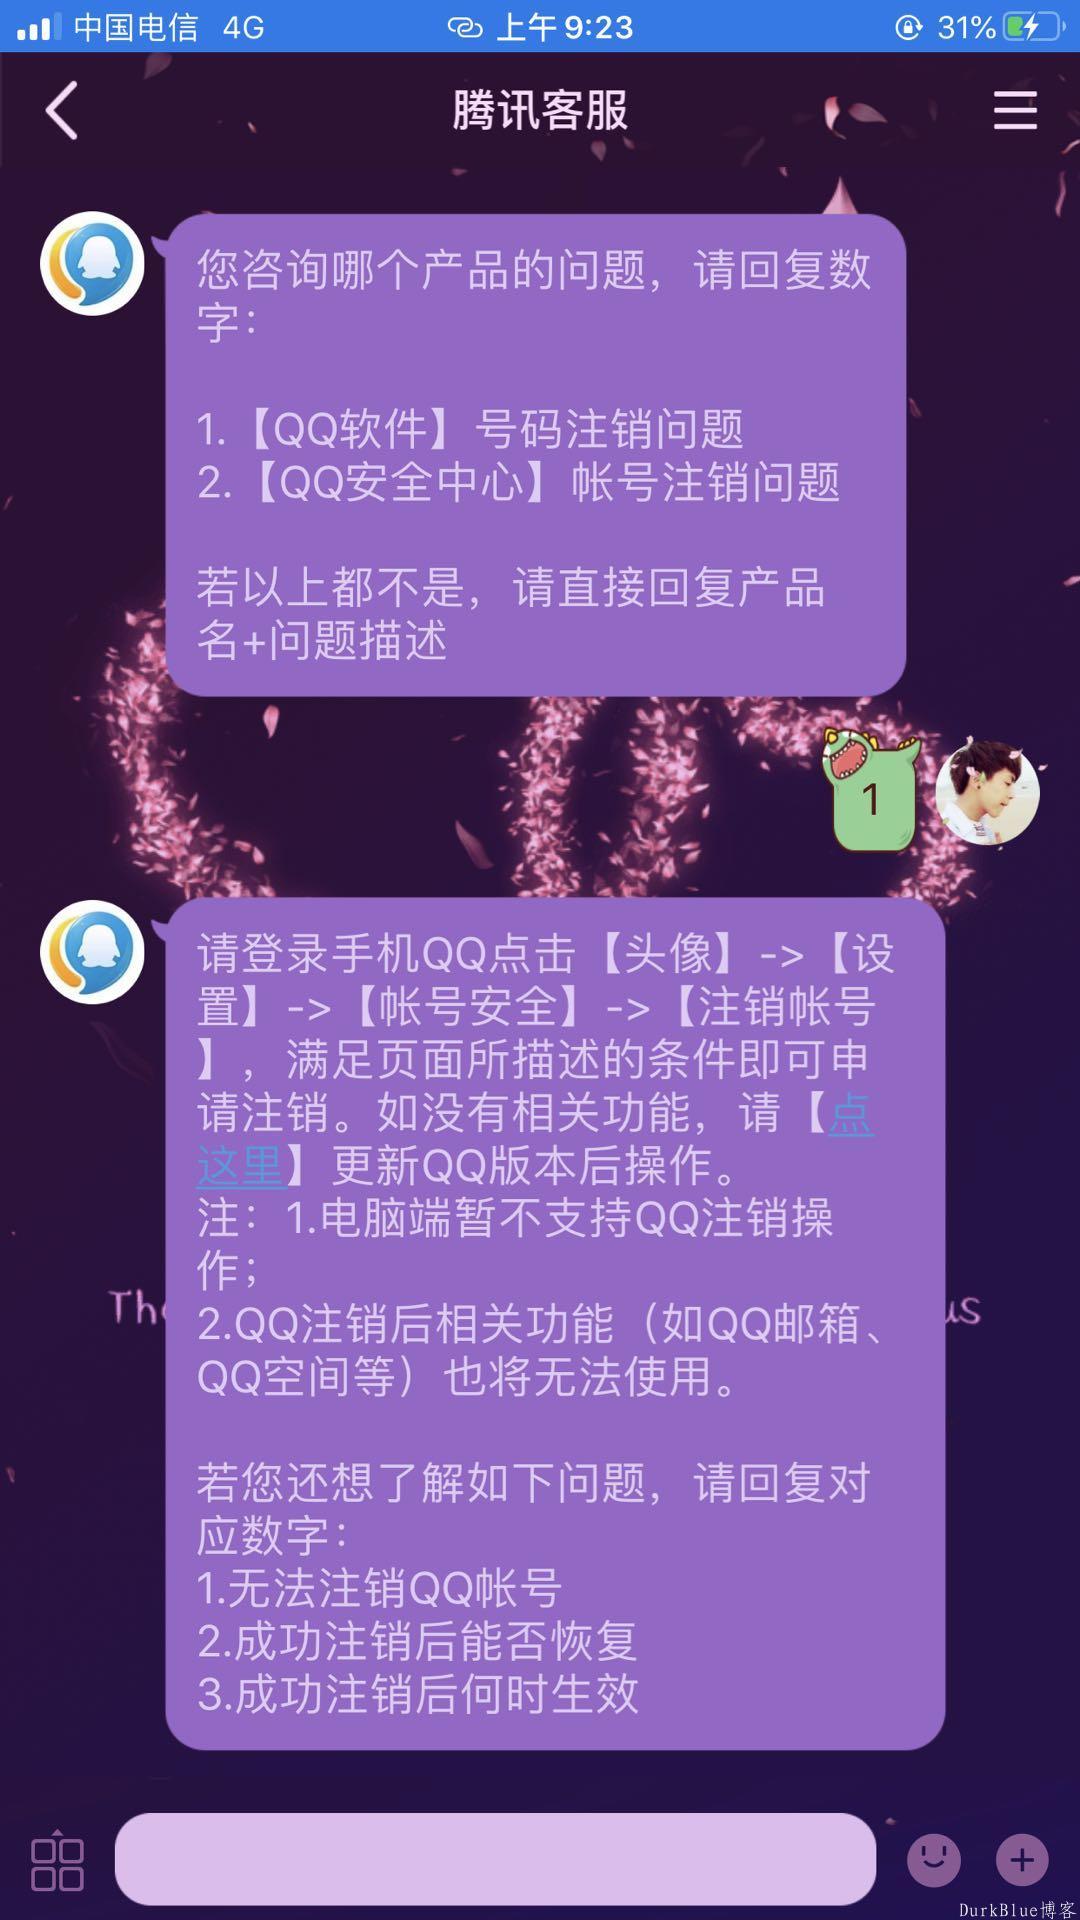 腾讯发稿:QQ 上线 20 年可被注销从此以后再见了,青春! 第2张